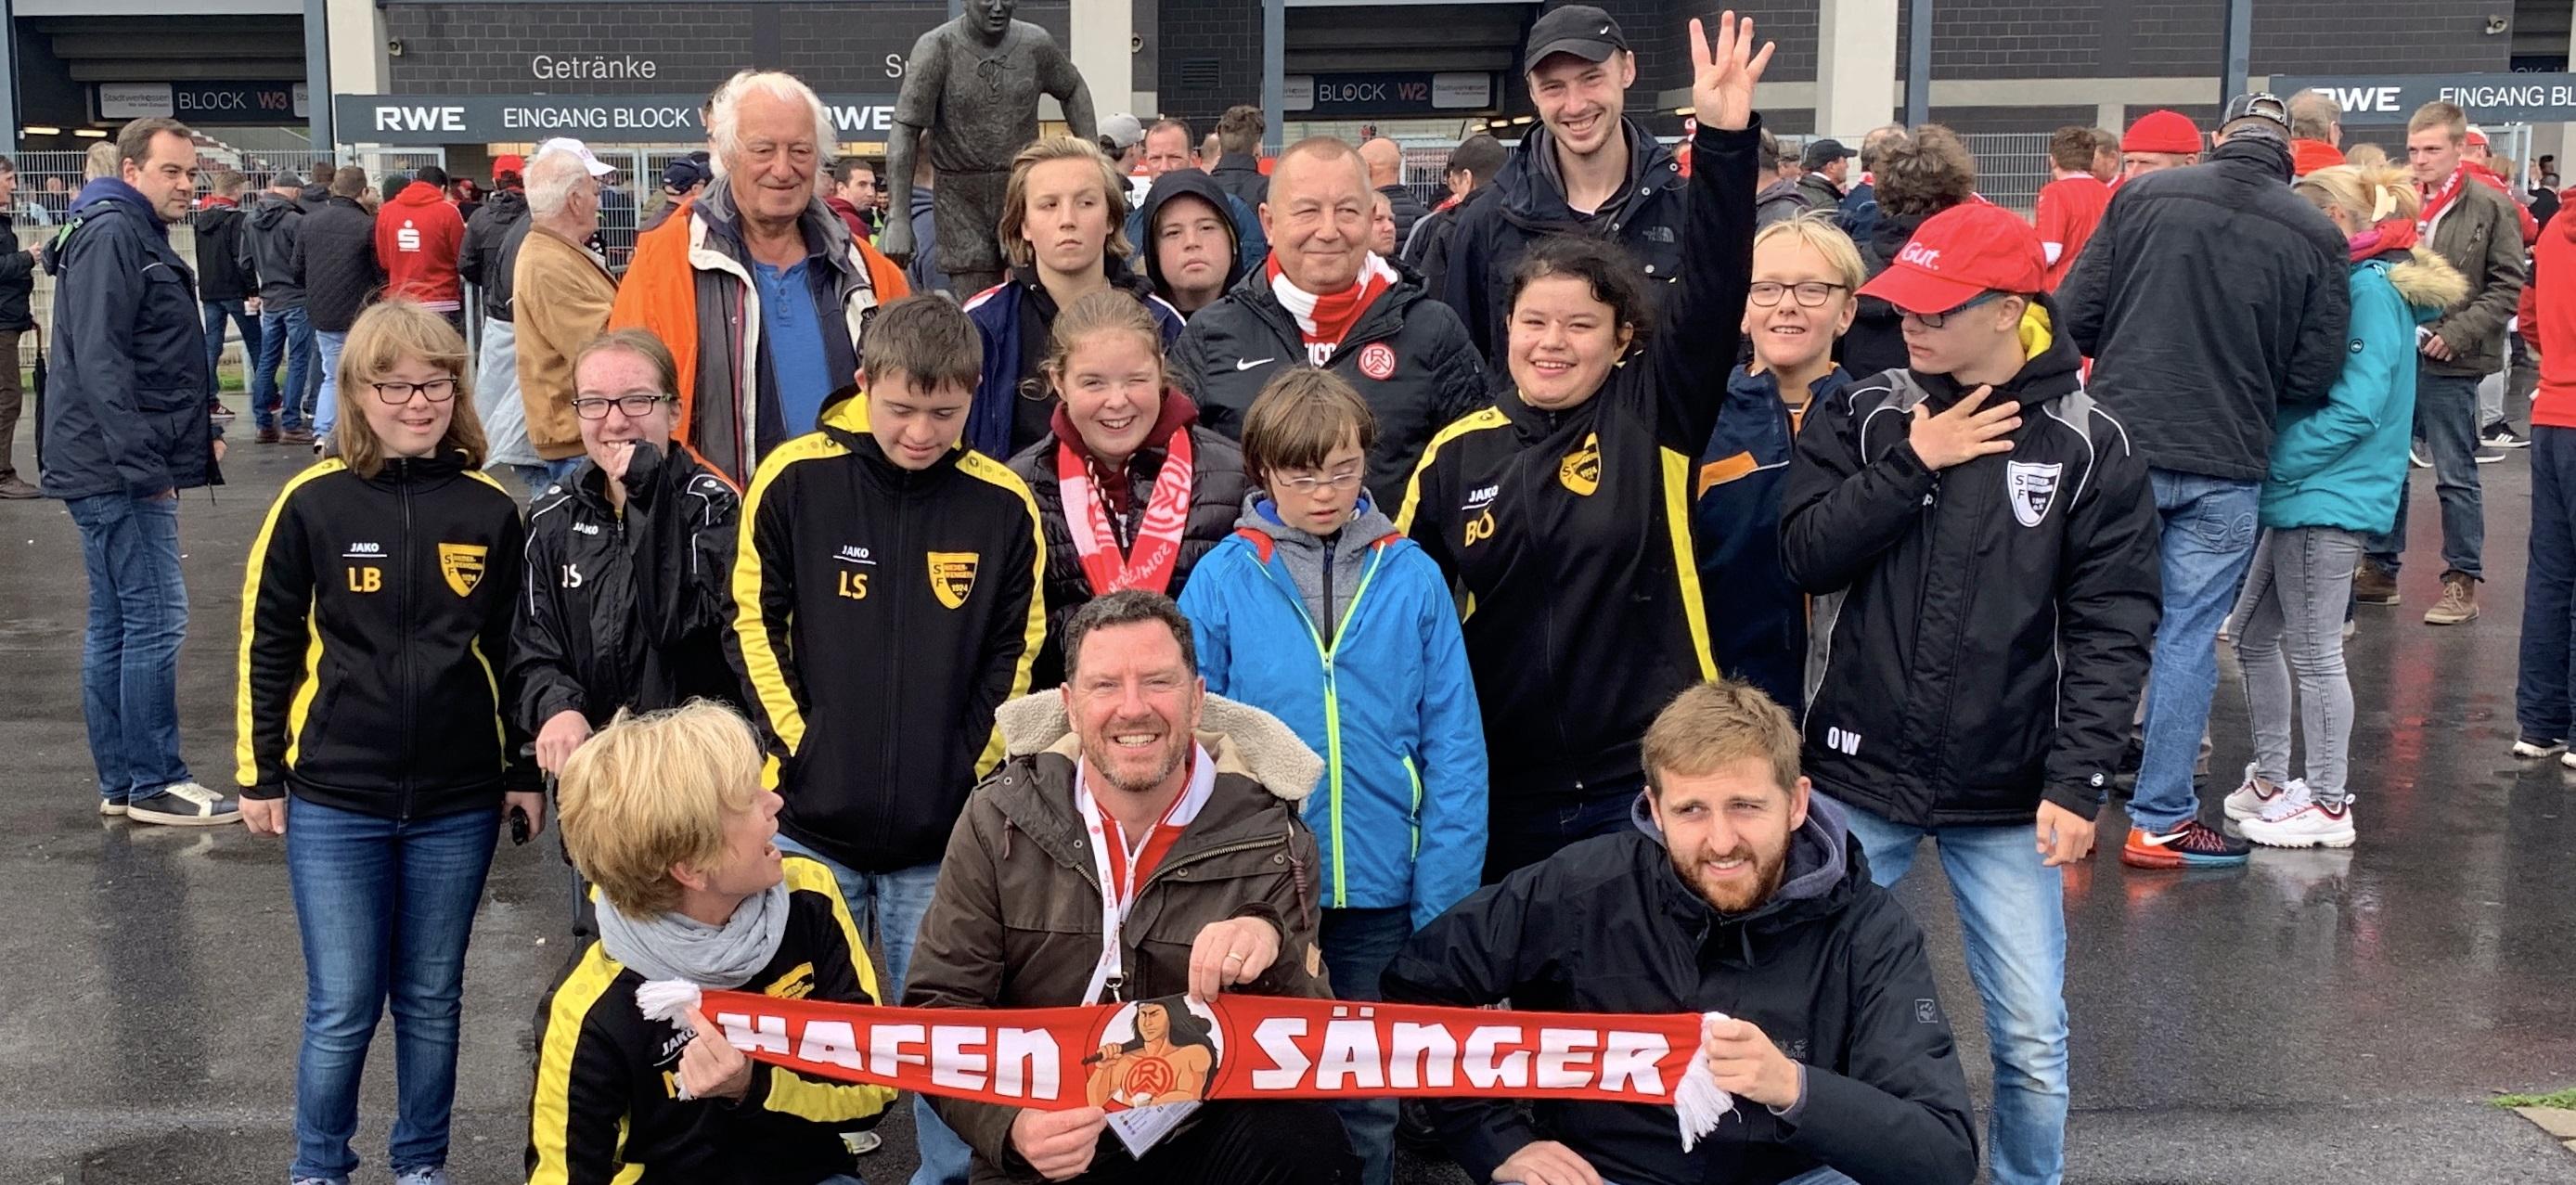 Rot-Weisse halten zusammen: Fans aus dem RWE-Forum luden das Handicap-Team der SF Niederwenigern zum Verl-Spiel ein und erfüllten so ihren Herzenswunsch Hafenstraße. (Foto: EC)